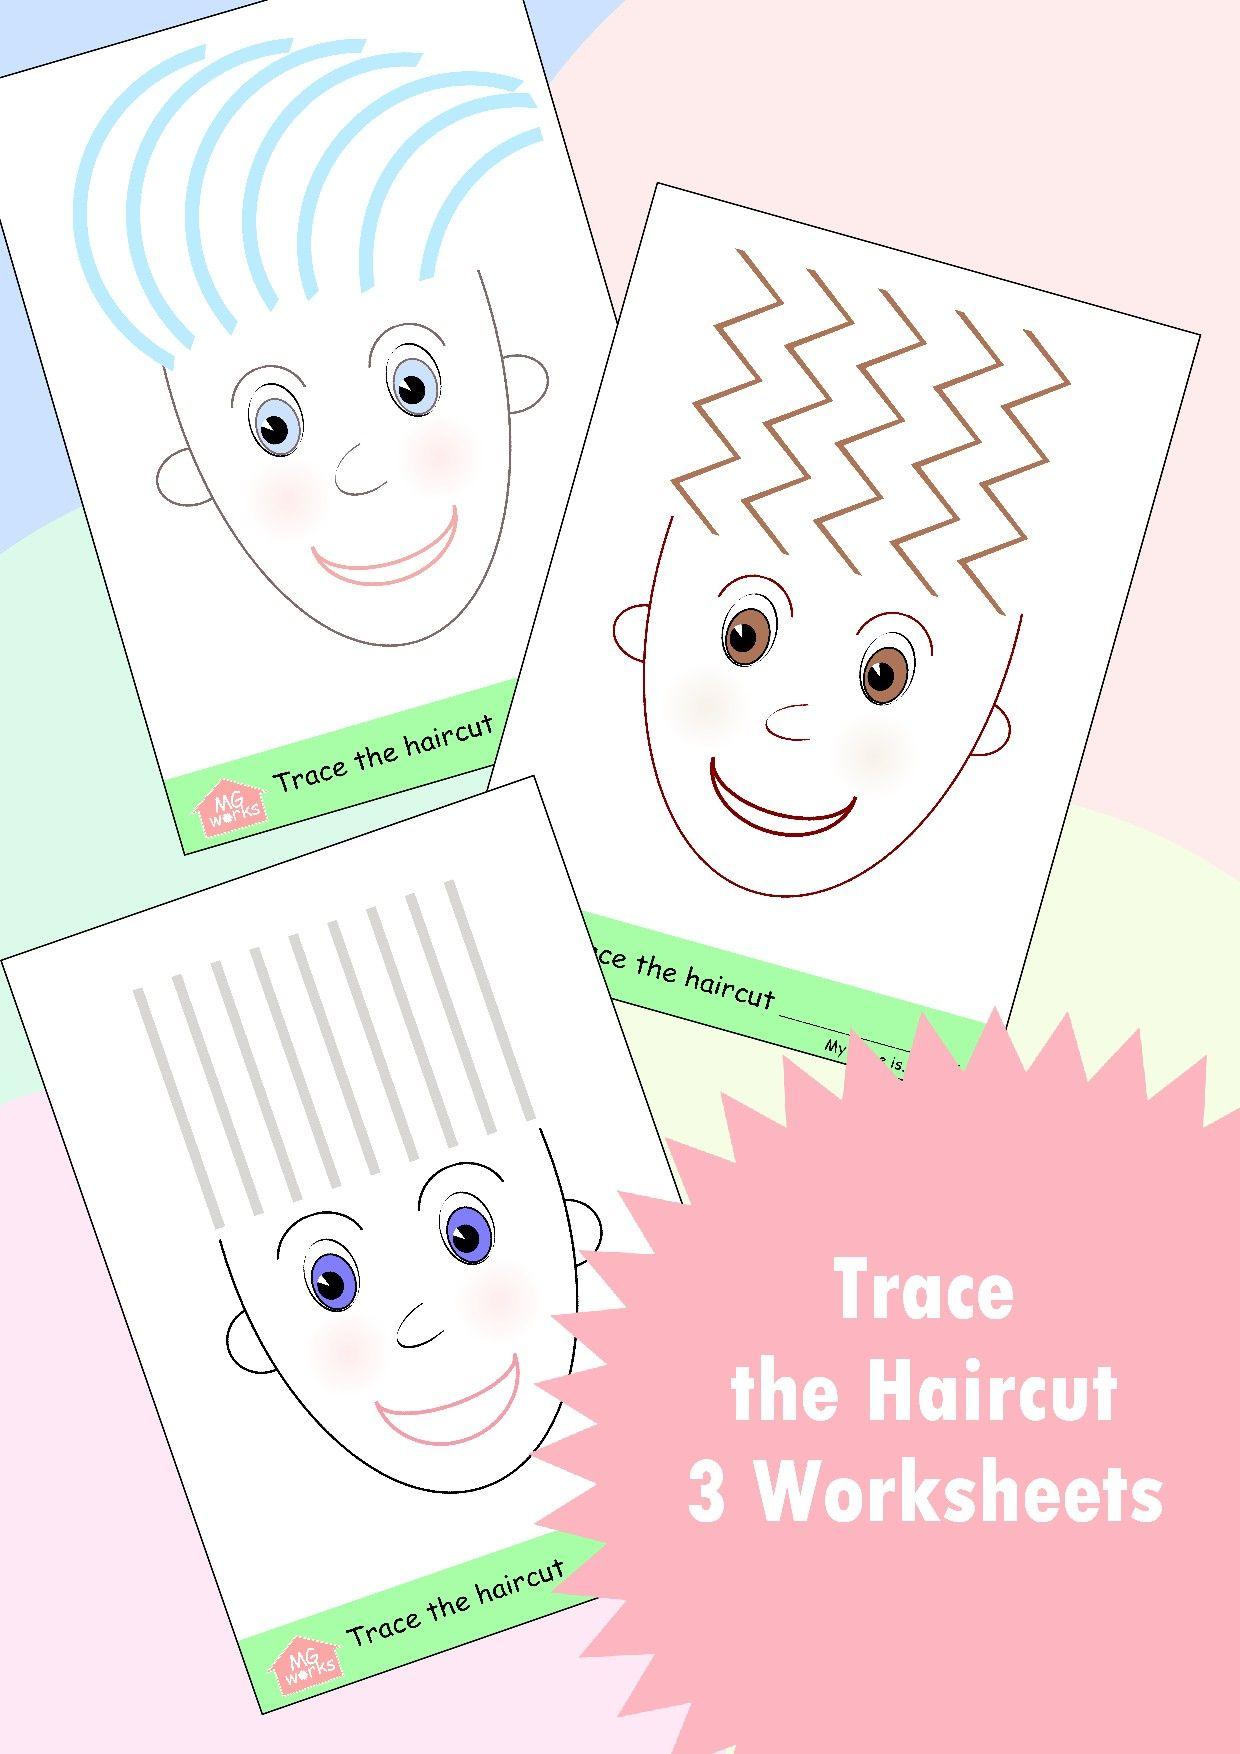 Haircut Tracing 3 Worksheets Printable Crafts Preschool Printable Preschool Kids [ 1754 x 1240 Pixel ]